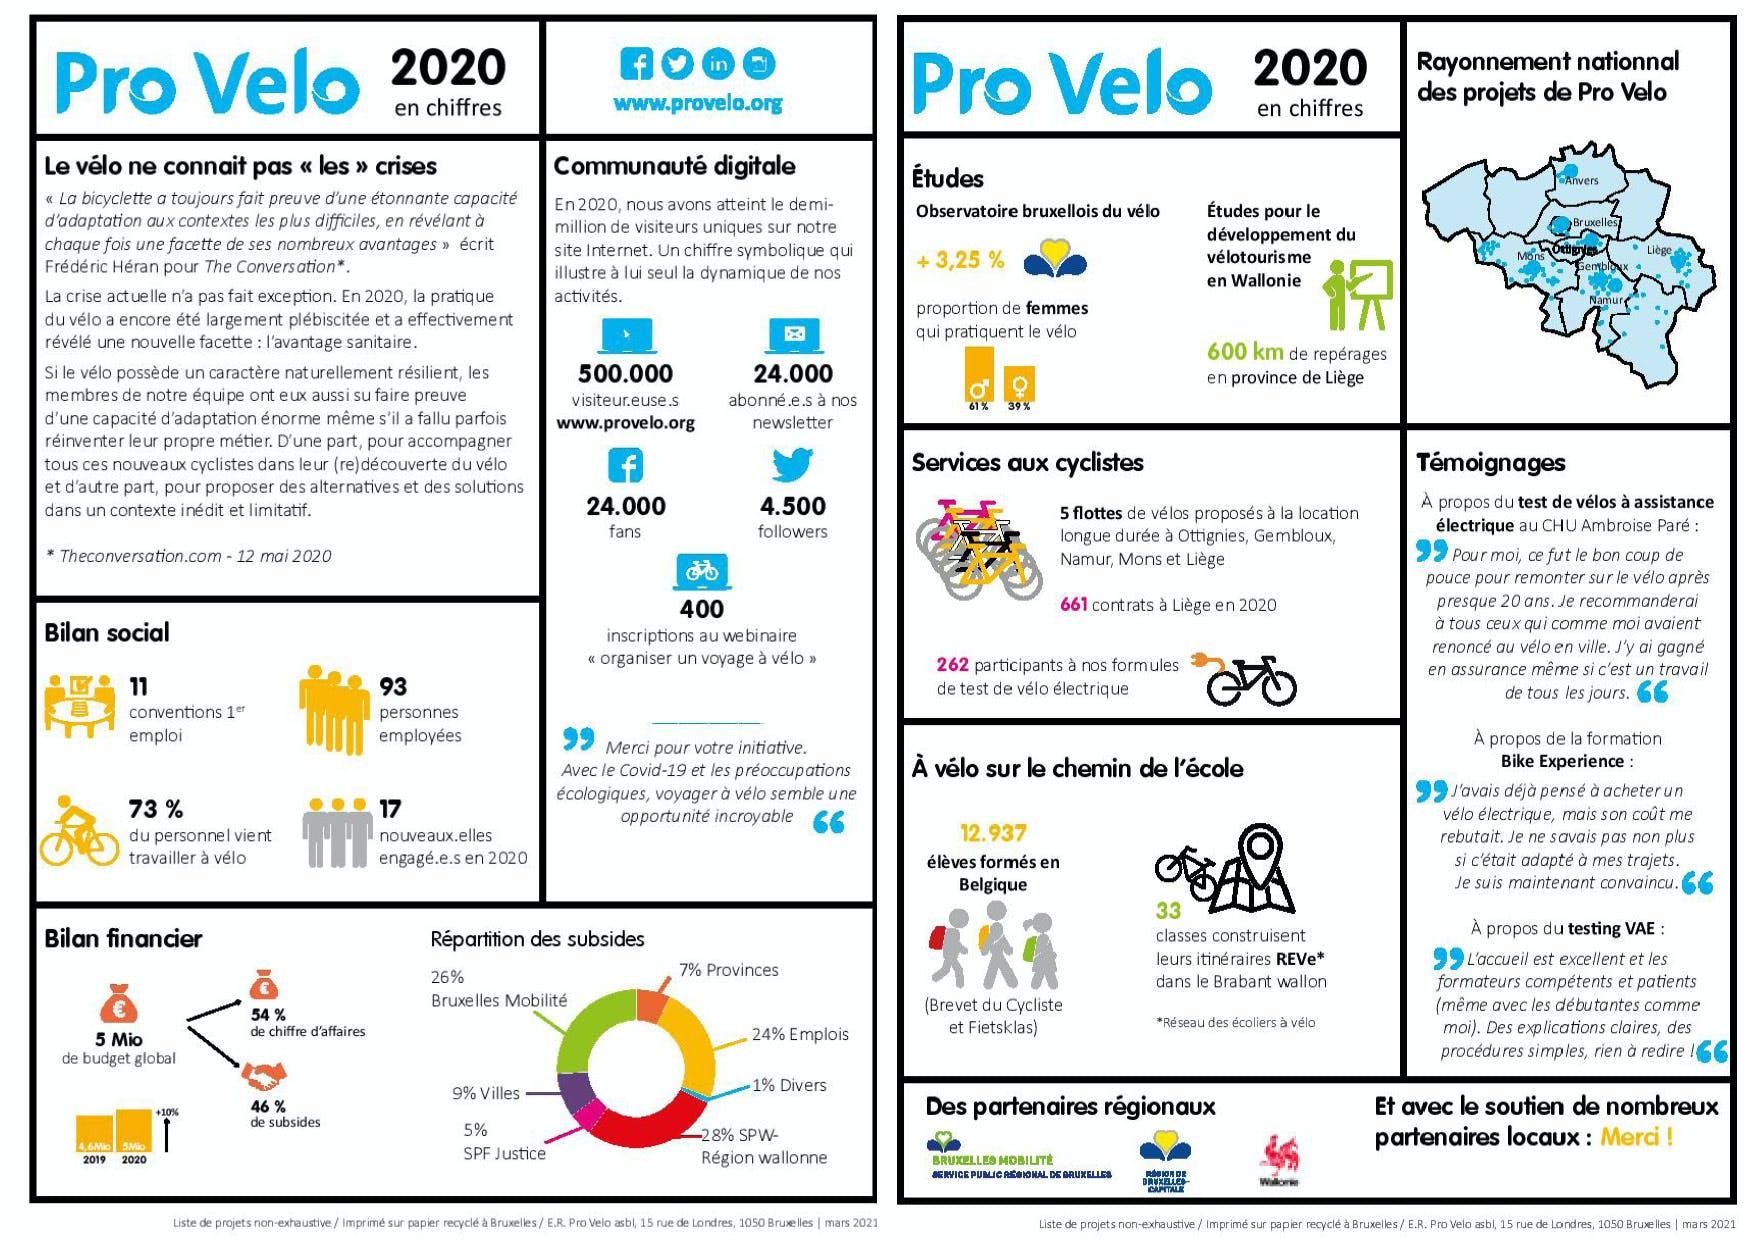 pro velo infographic 2020